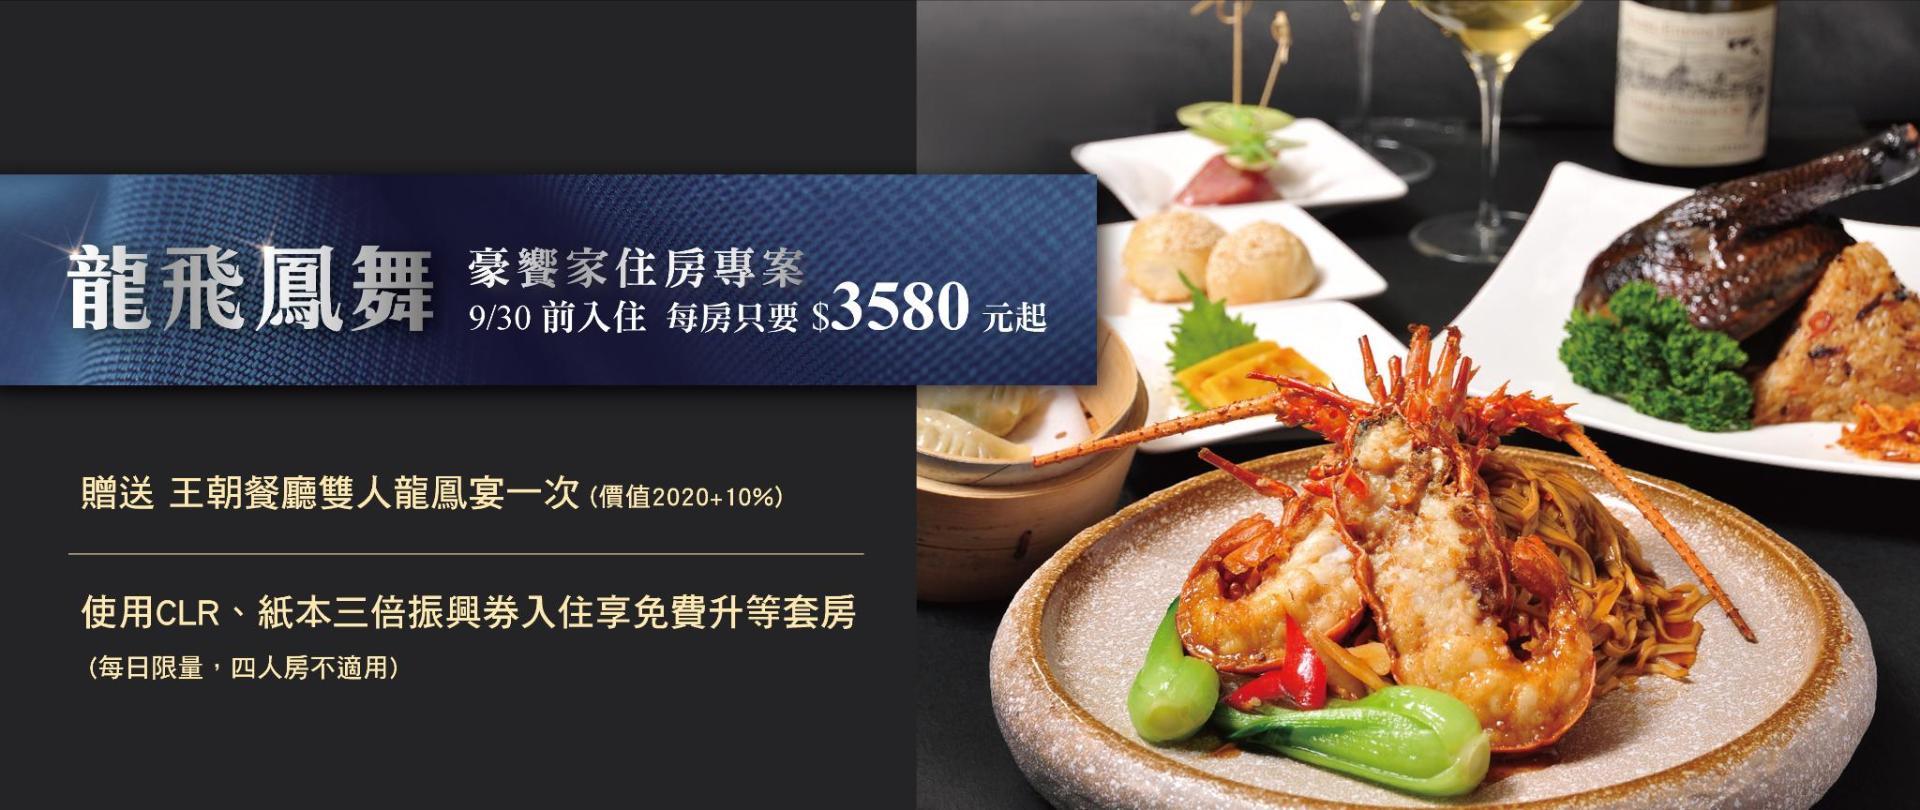 官網Slide-Show4000X1688_新版龍鳳宴住房專案-0805-2.jpg